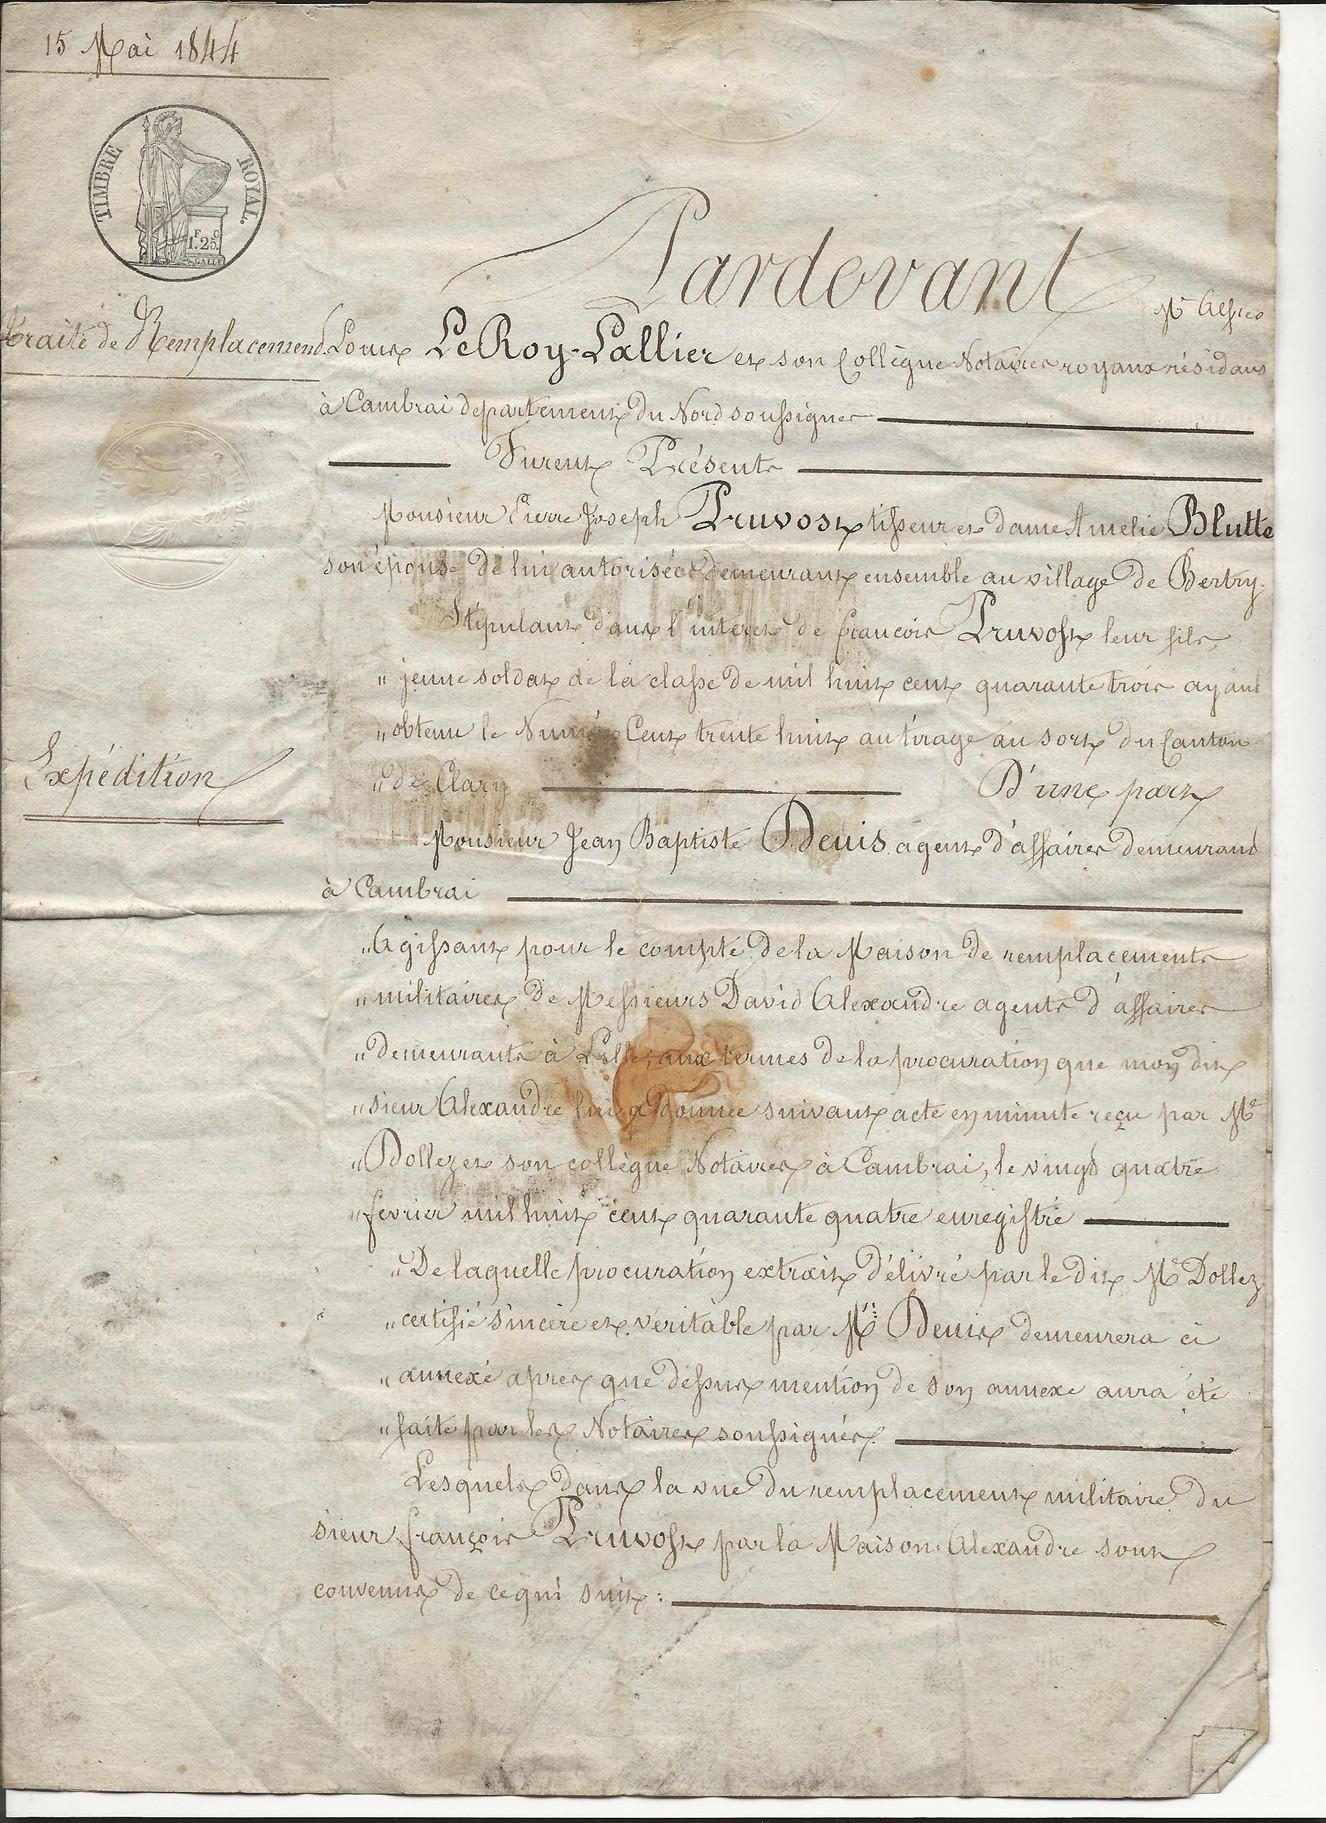 1844 retraite de remplacement de francois pruvot 001